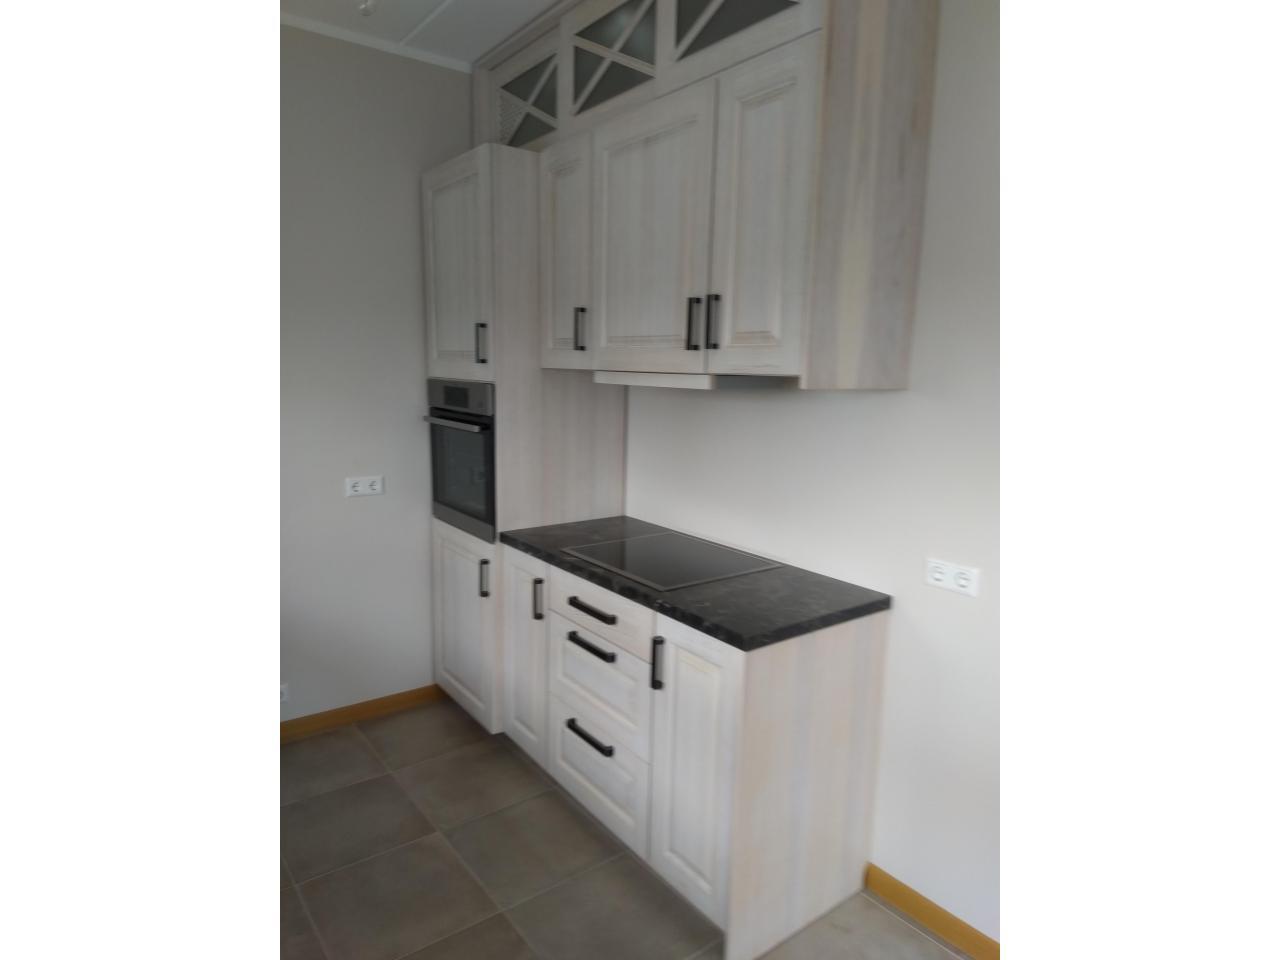 Продается 2 комнатная квартира в Латвии в городе Рига - 7